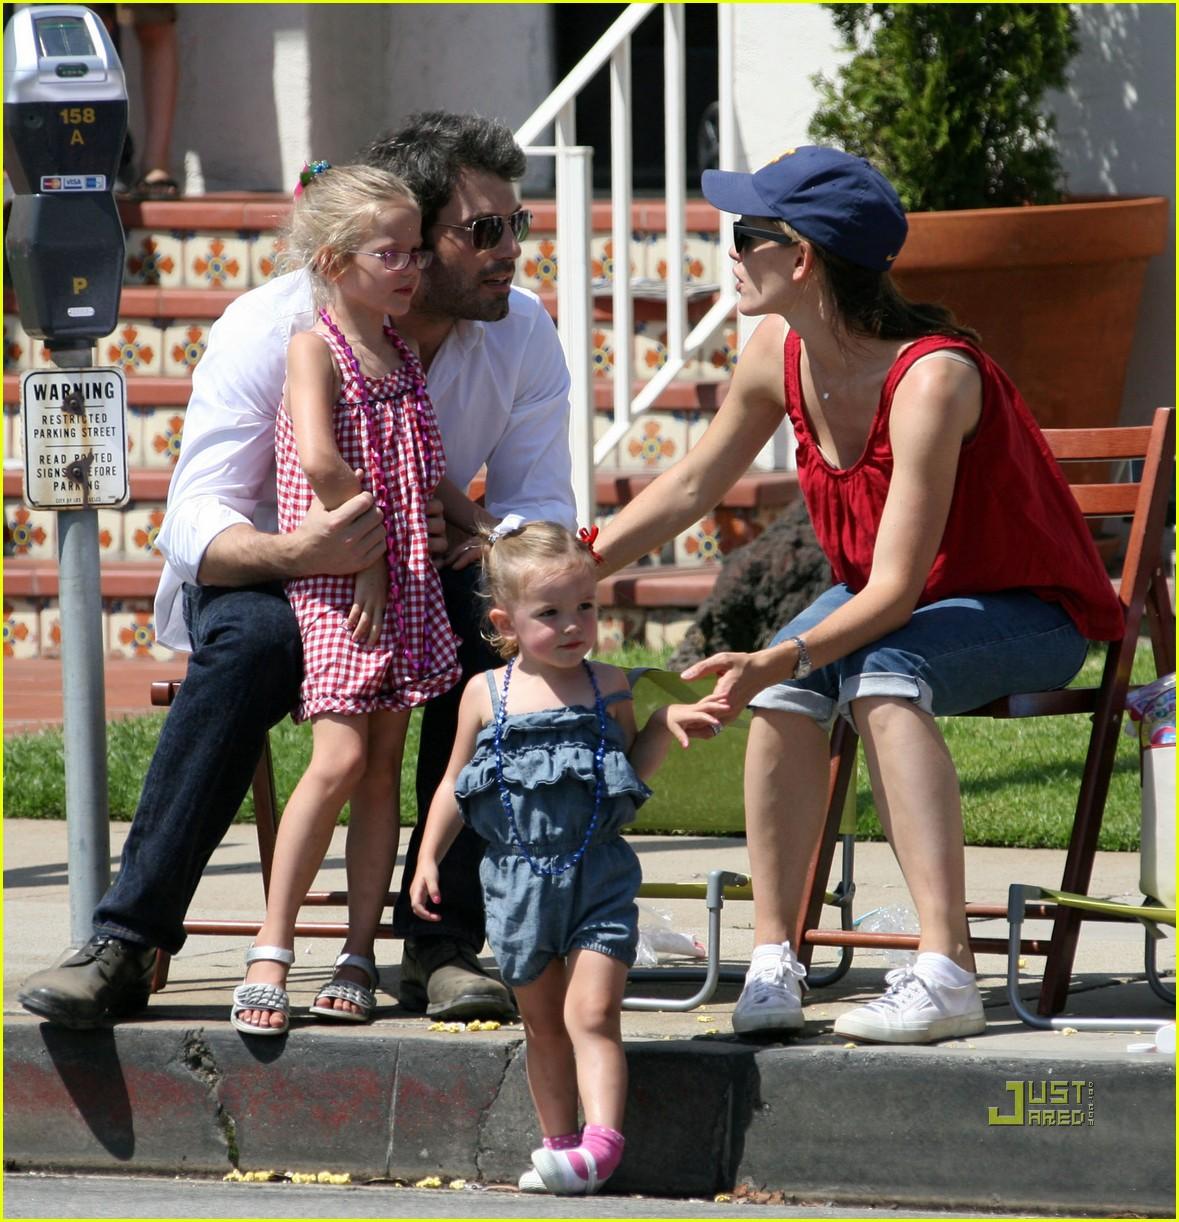 http://2.bp.blogspot.com/-VA-nkKbRXC0/ThYQSzkl8aI/AAAAAAAANYU/aa56LXjwMXM/s1600/jennifer-garner-ben-affleck-seraphina-violet-july-4th-05.jpg